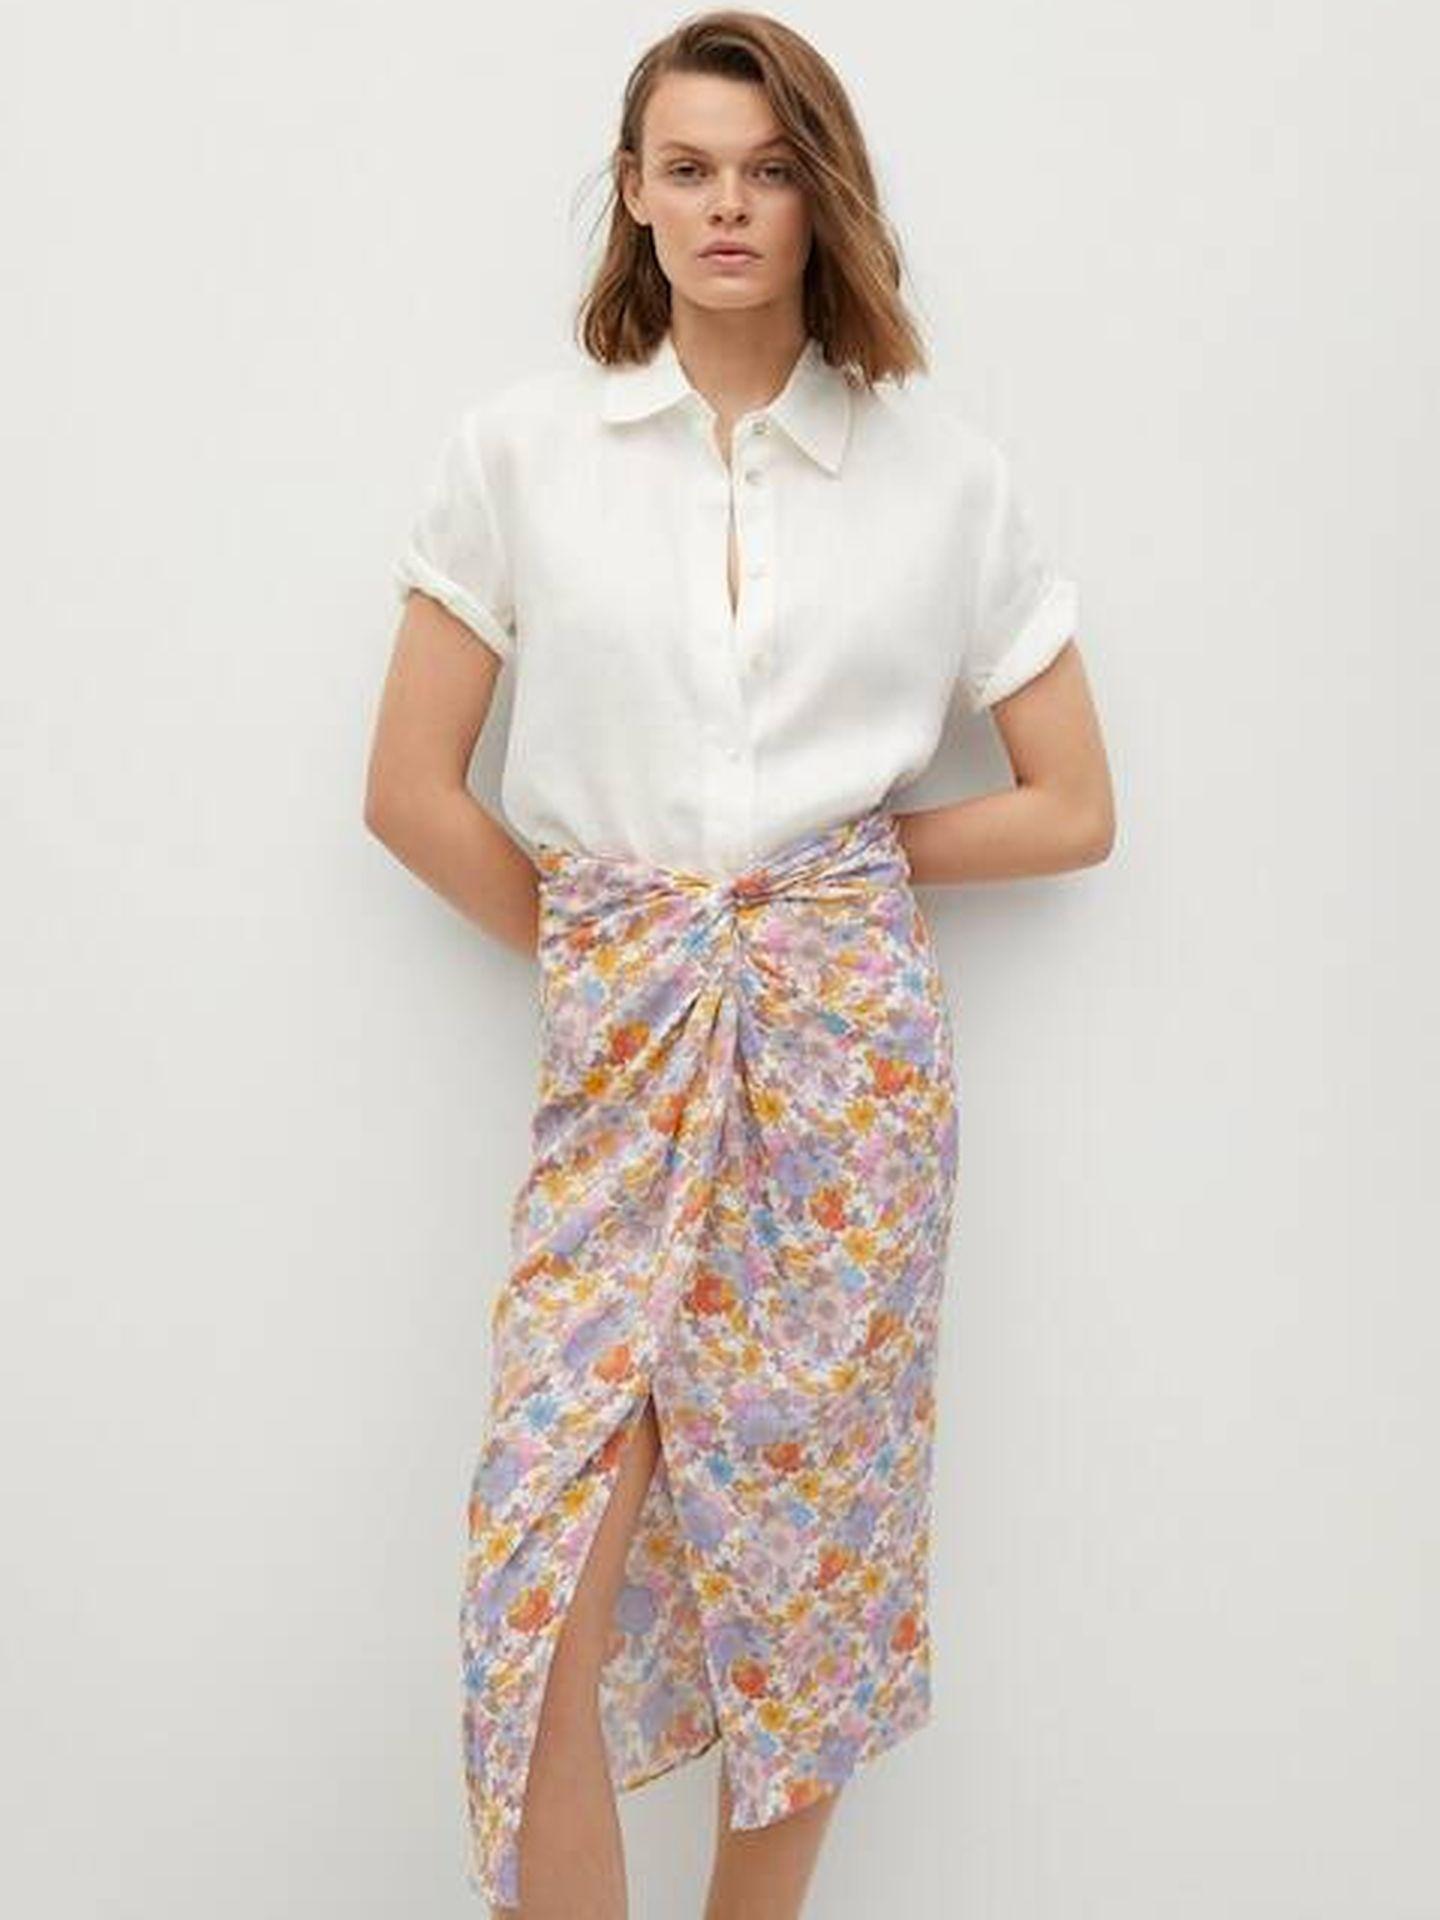 Falda pareo de Mango para estilizar la silueta. (Cortesía)